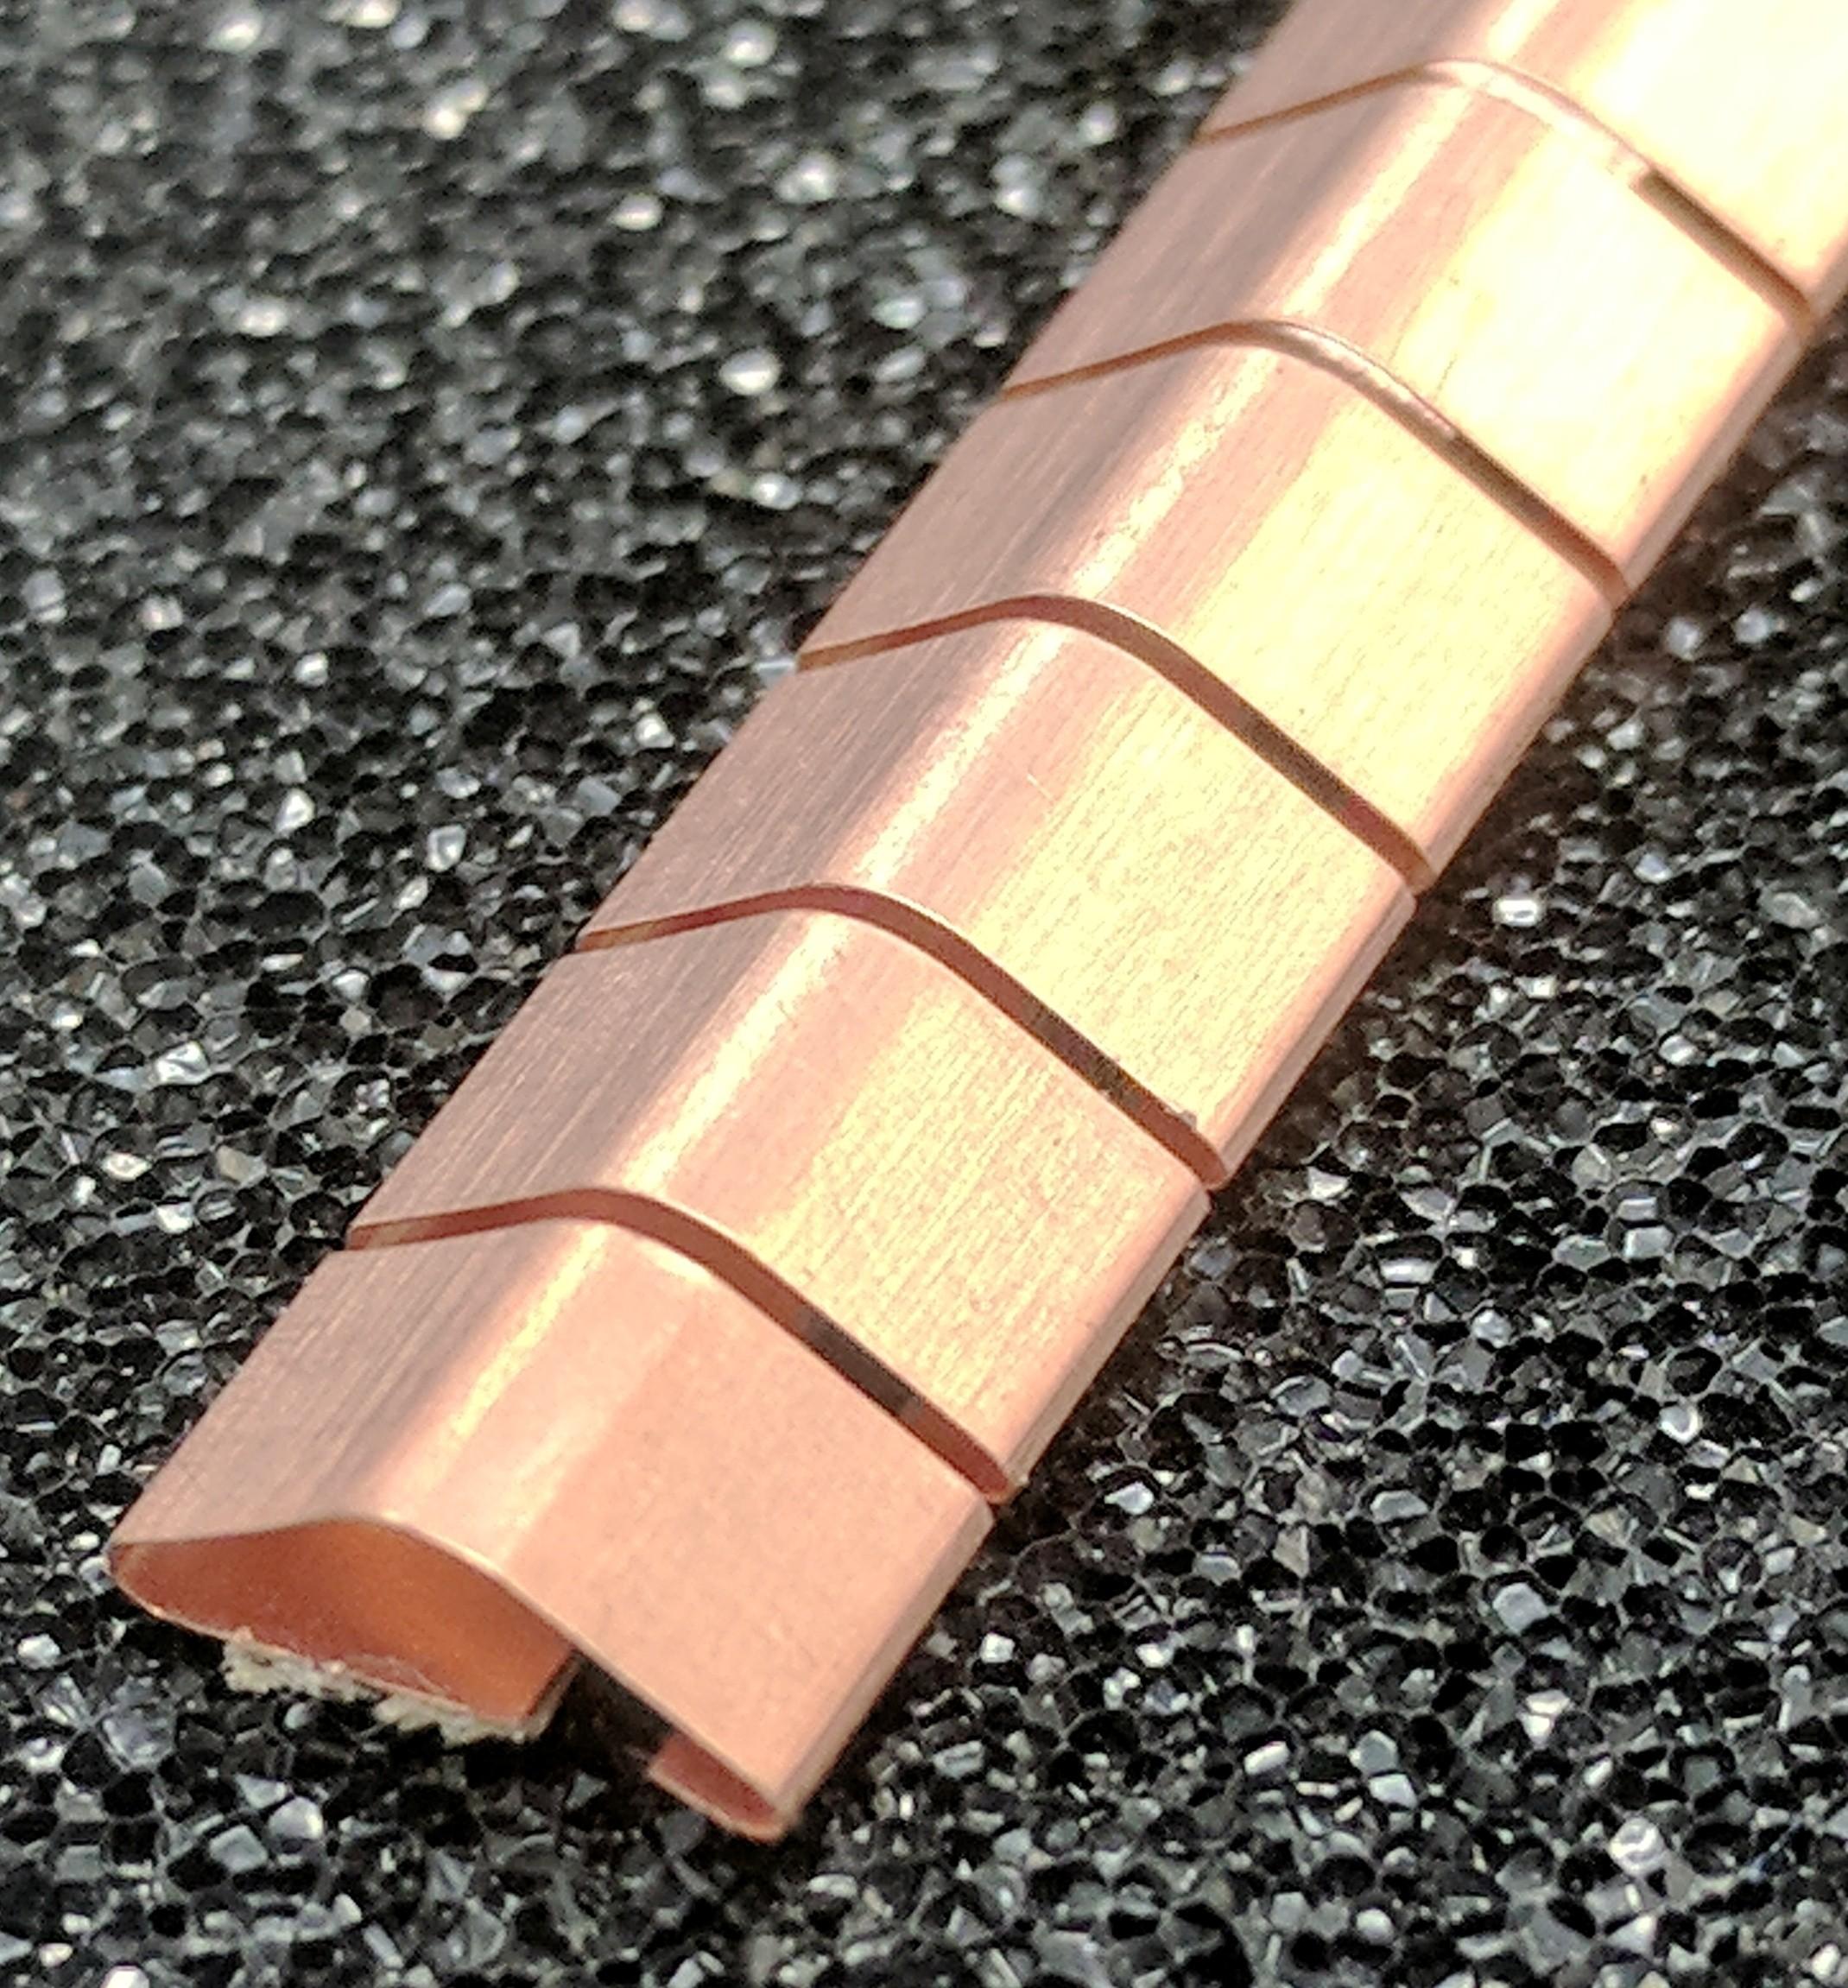 ECP 644 Beryllium Copper (Be/cu) Fingerstrip 8.13mm x 2.79mm (WxH)